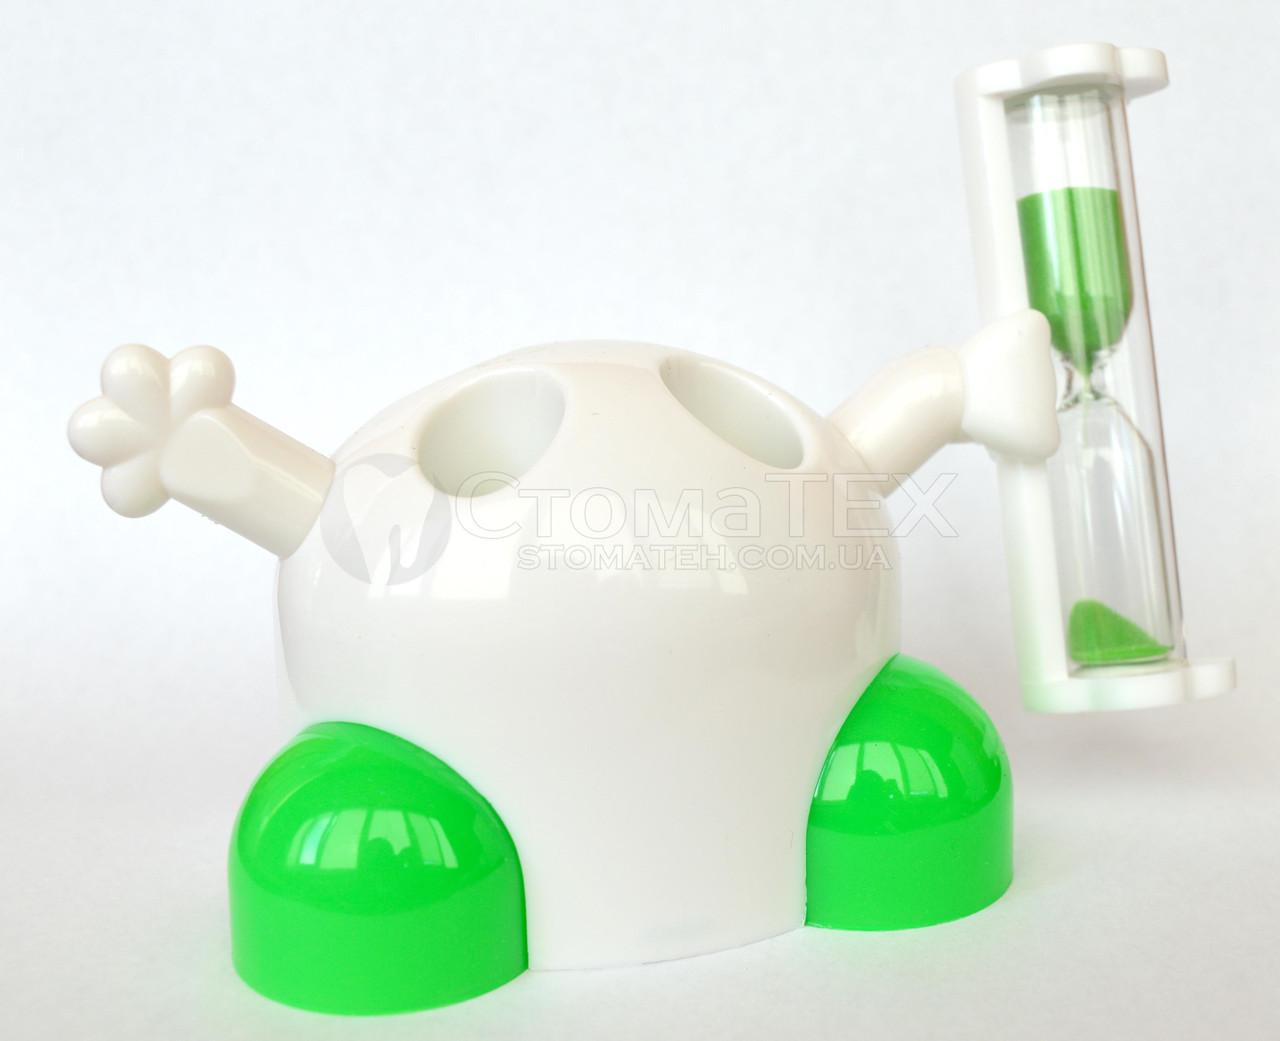 Подставка для зубных щеток с таймером 3 минуты, зеленый NaviStom